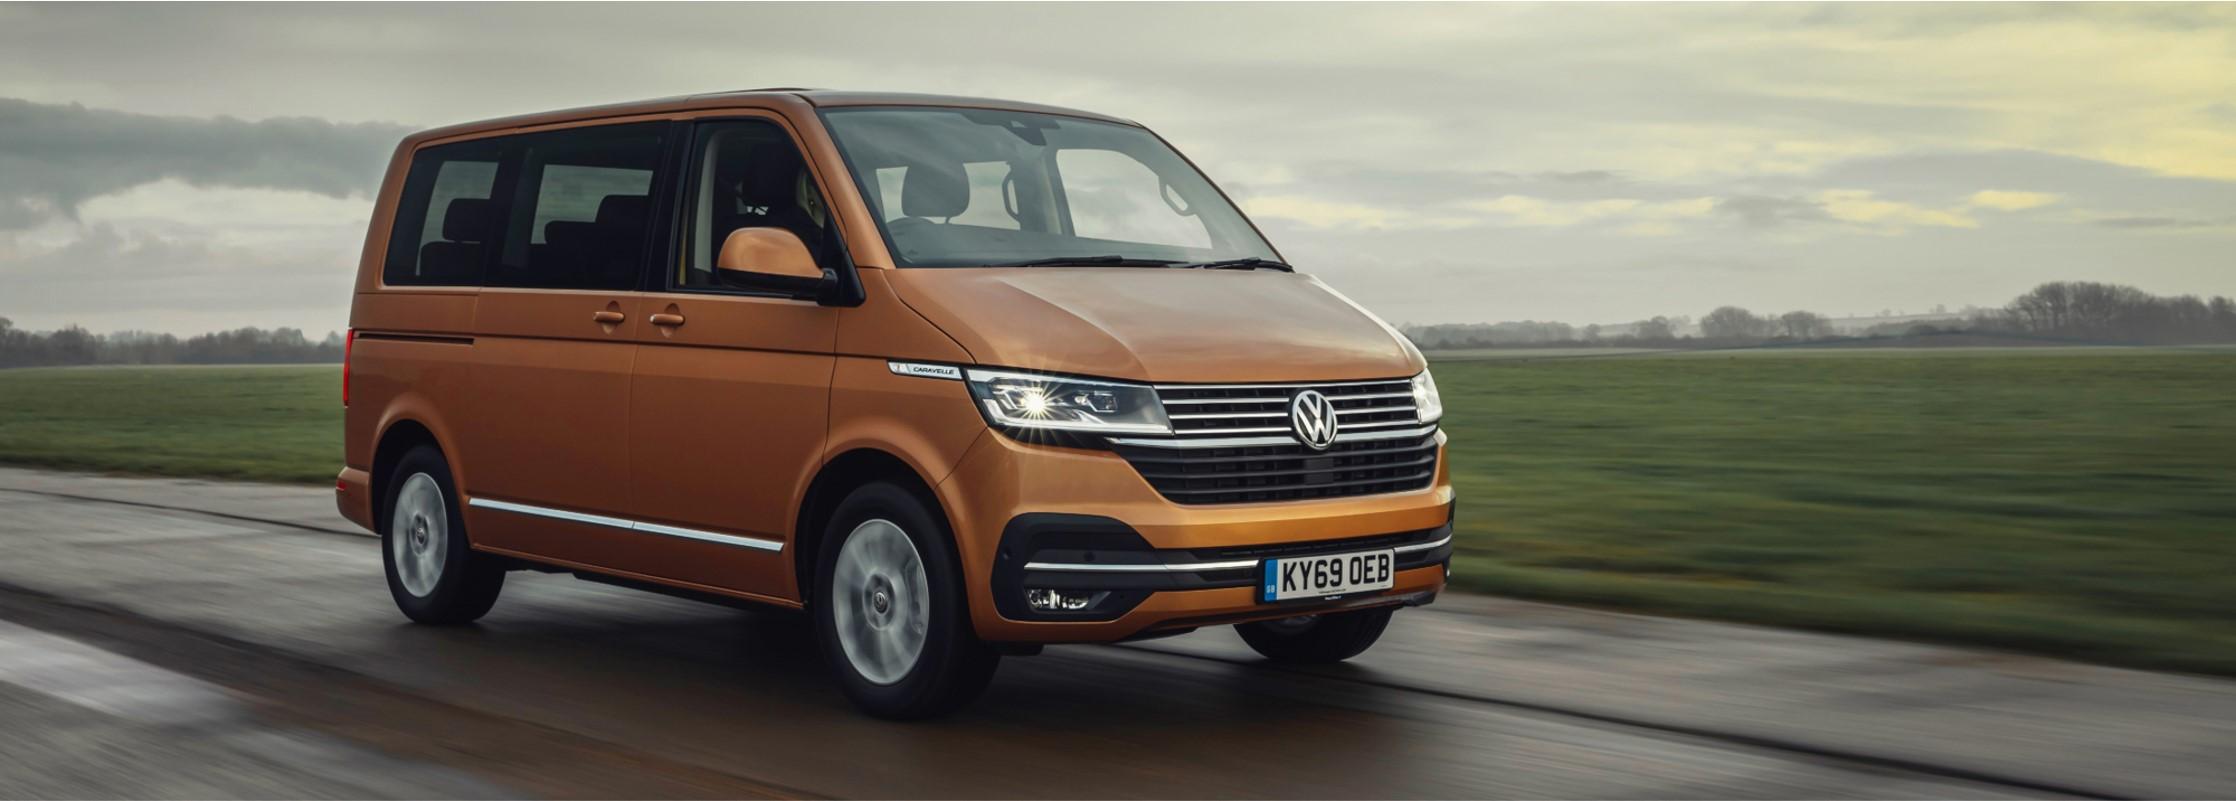 Evergreen Volkswagen Transporter updated